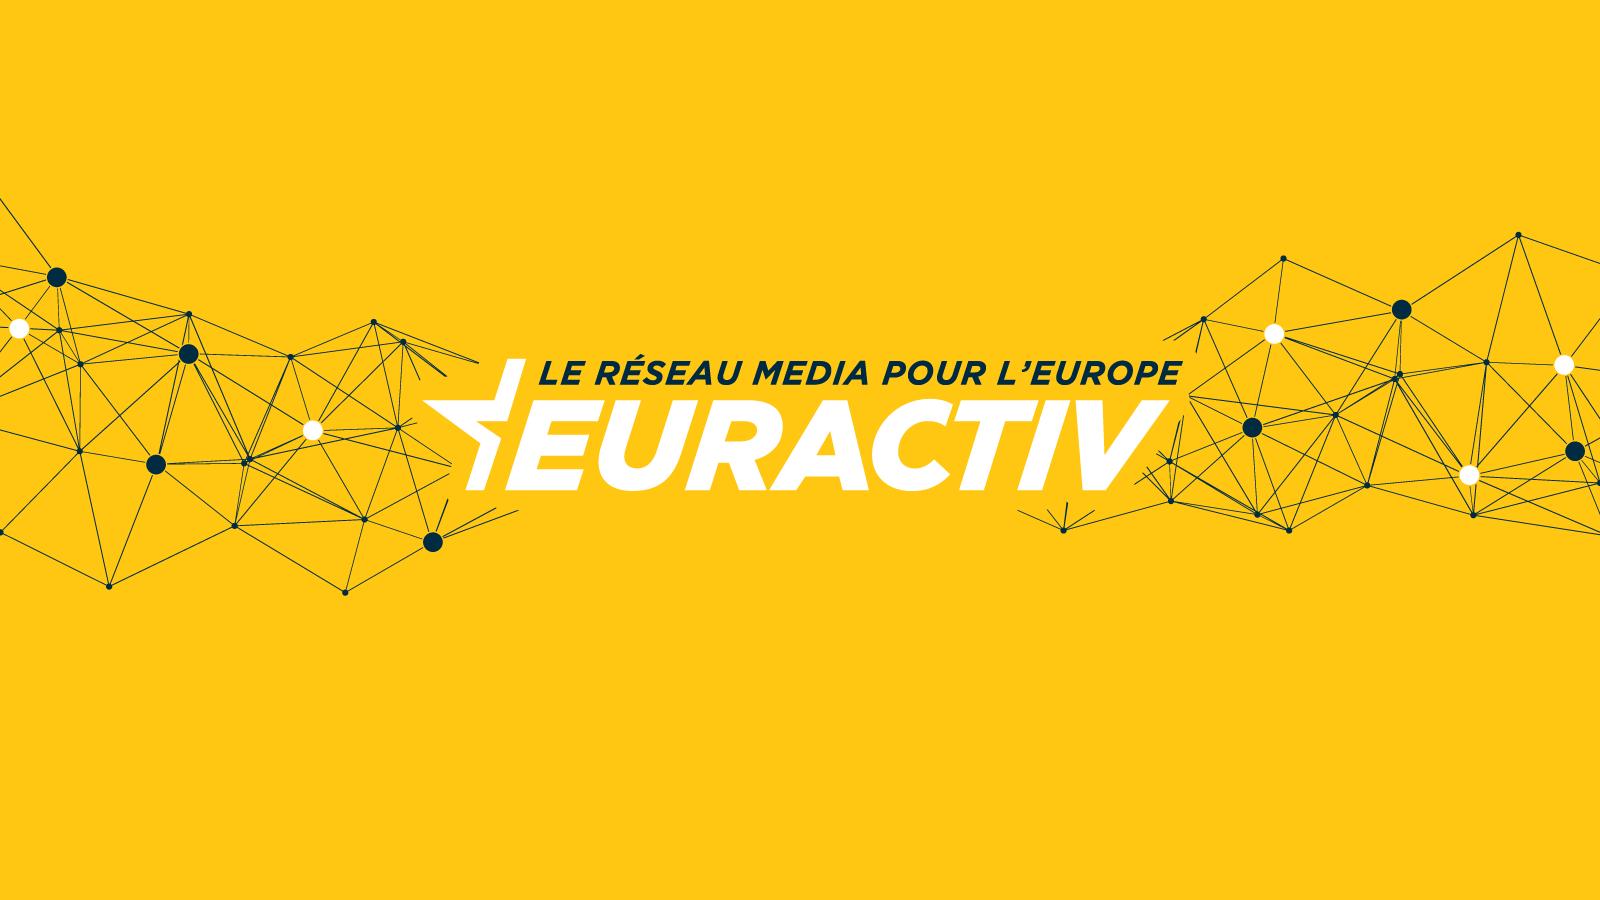 EURACTIVNetwork branding identity FR